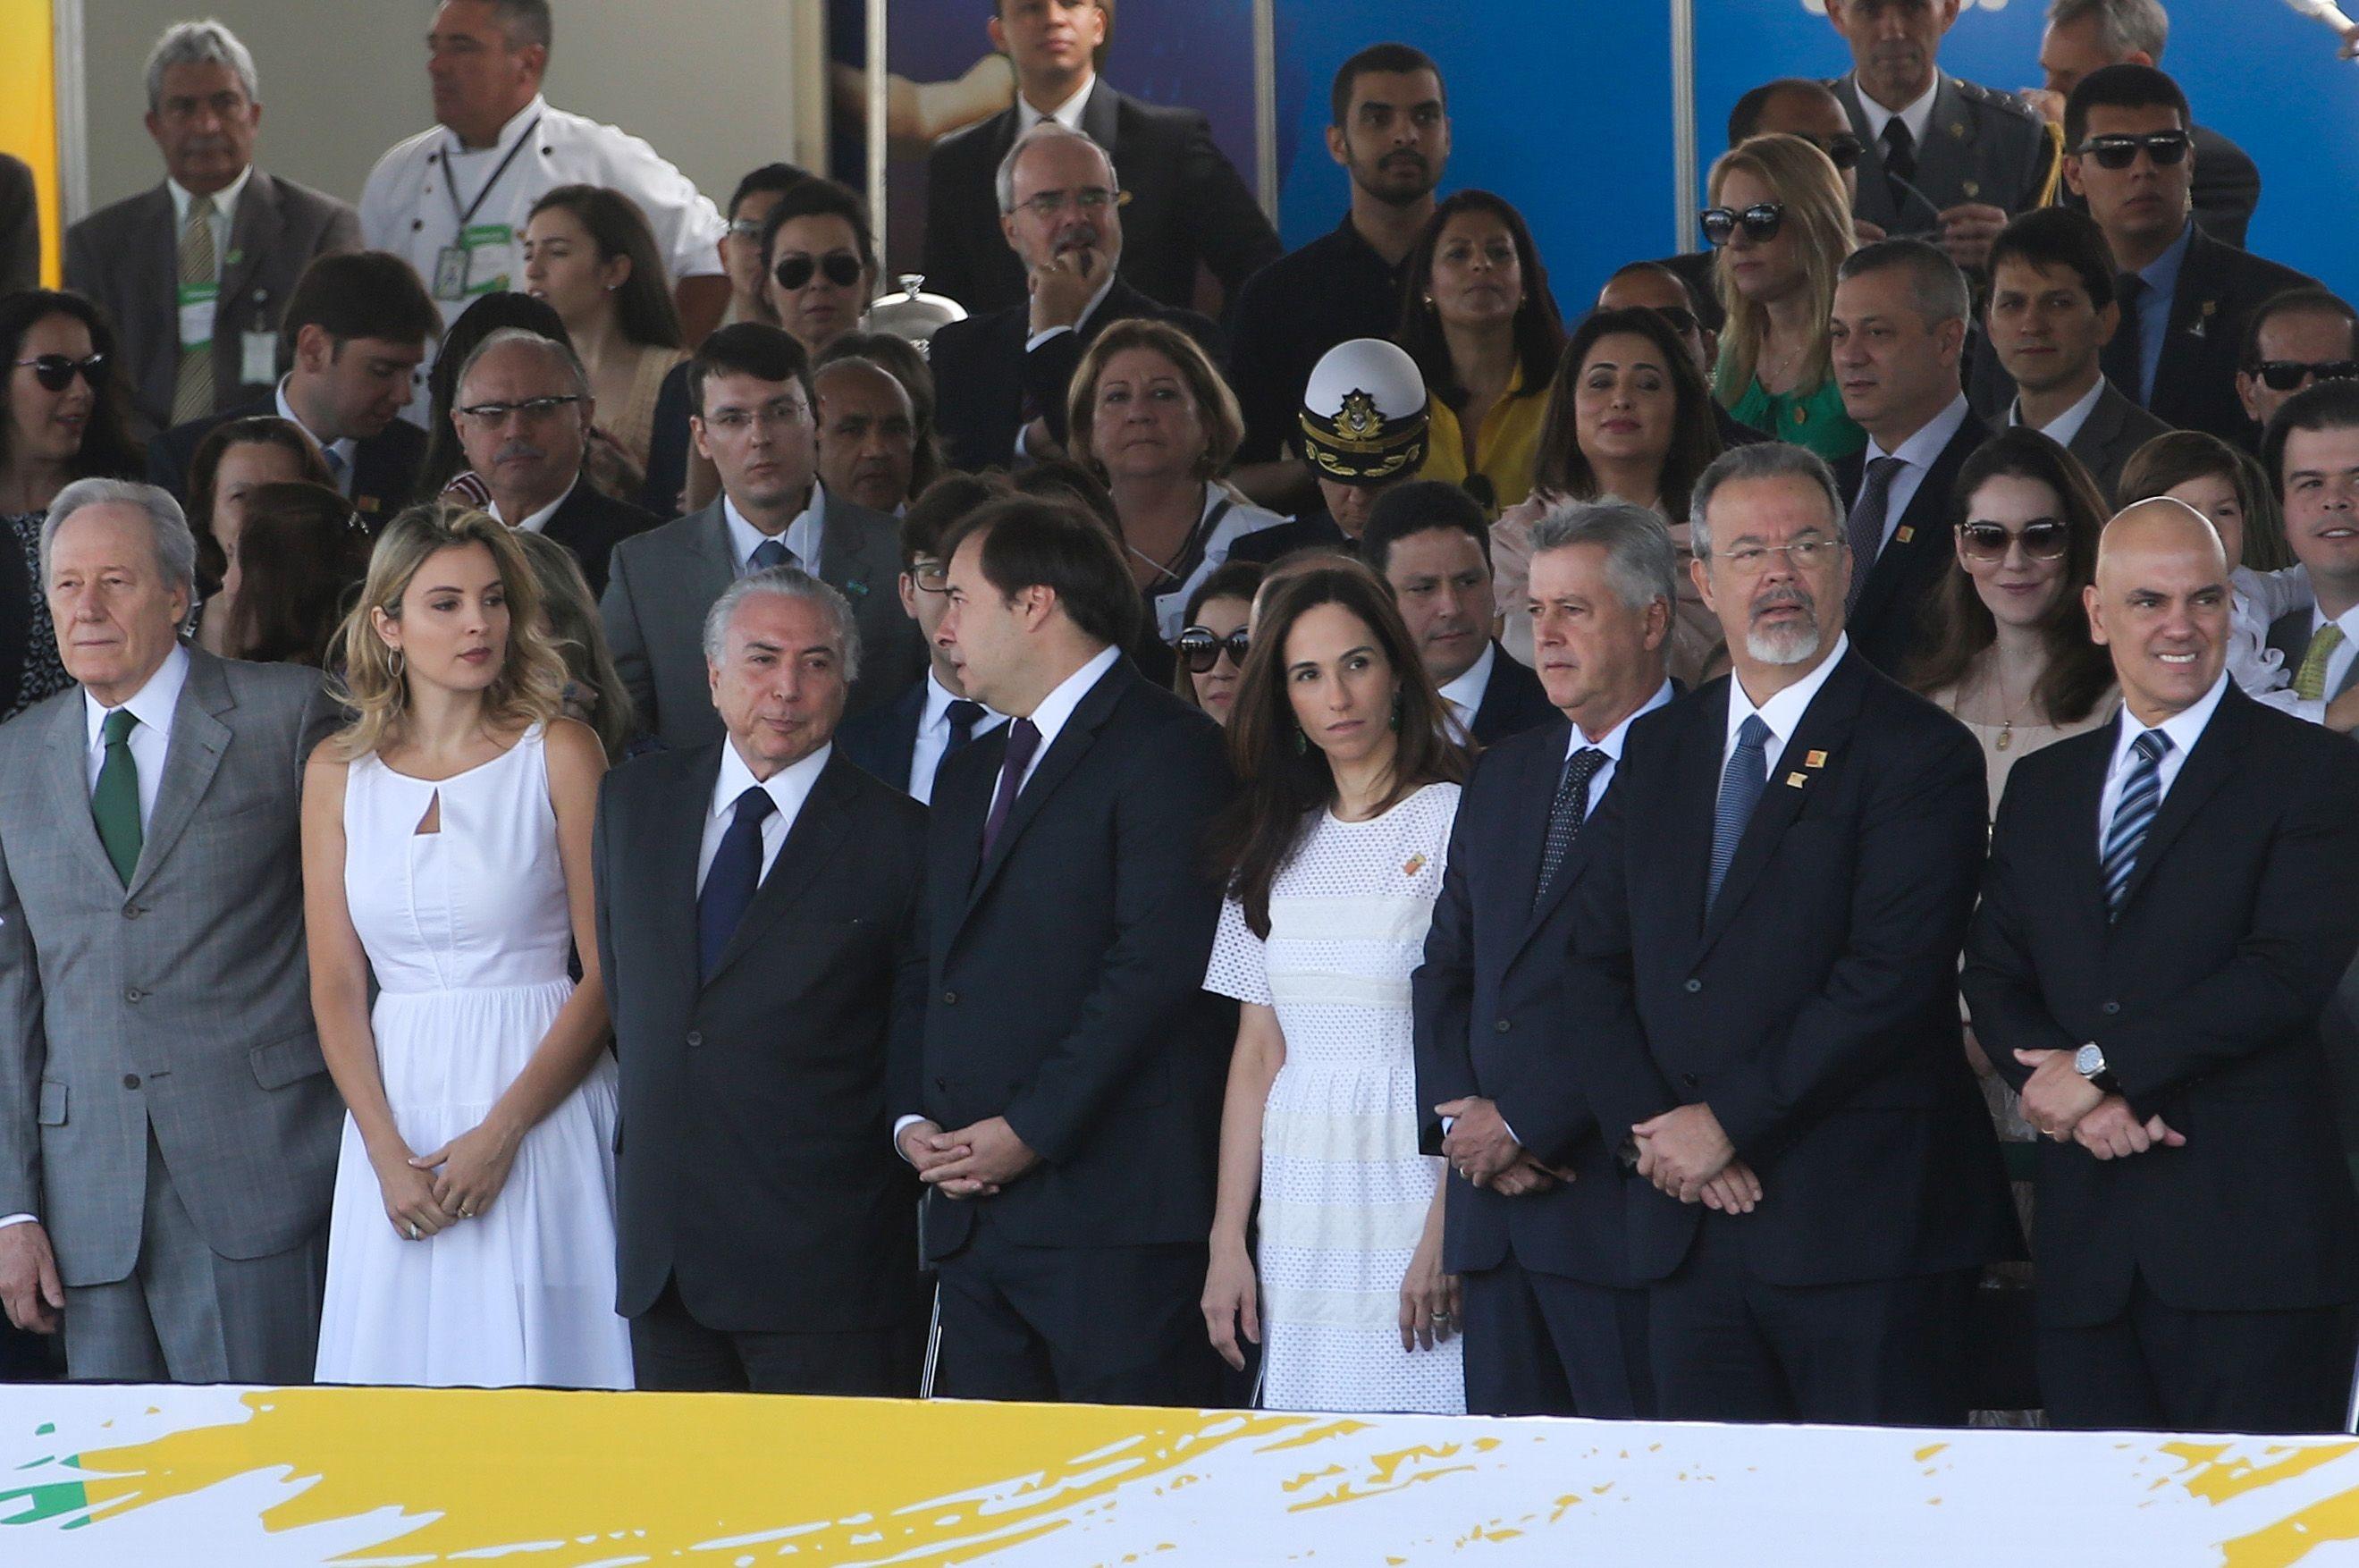 O presidente Michel Temer e a primeira-dama Marcela Temer durante desfile de 7 de Setembro, na Esplanada dos Ministérios - Wilson Dias/Agência Brasil/Divulgação/ND